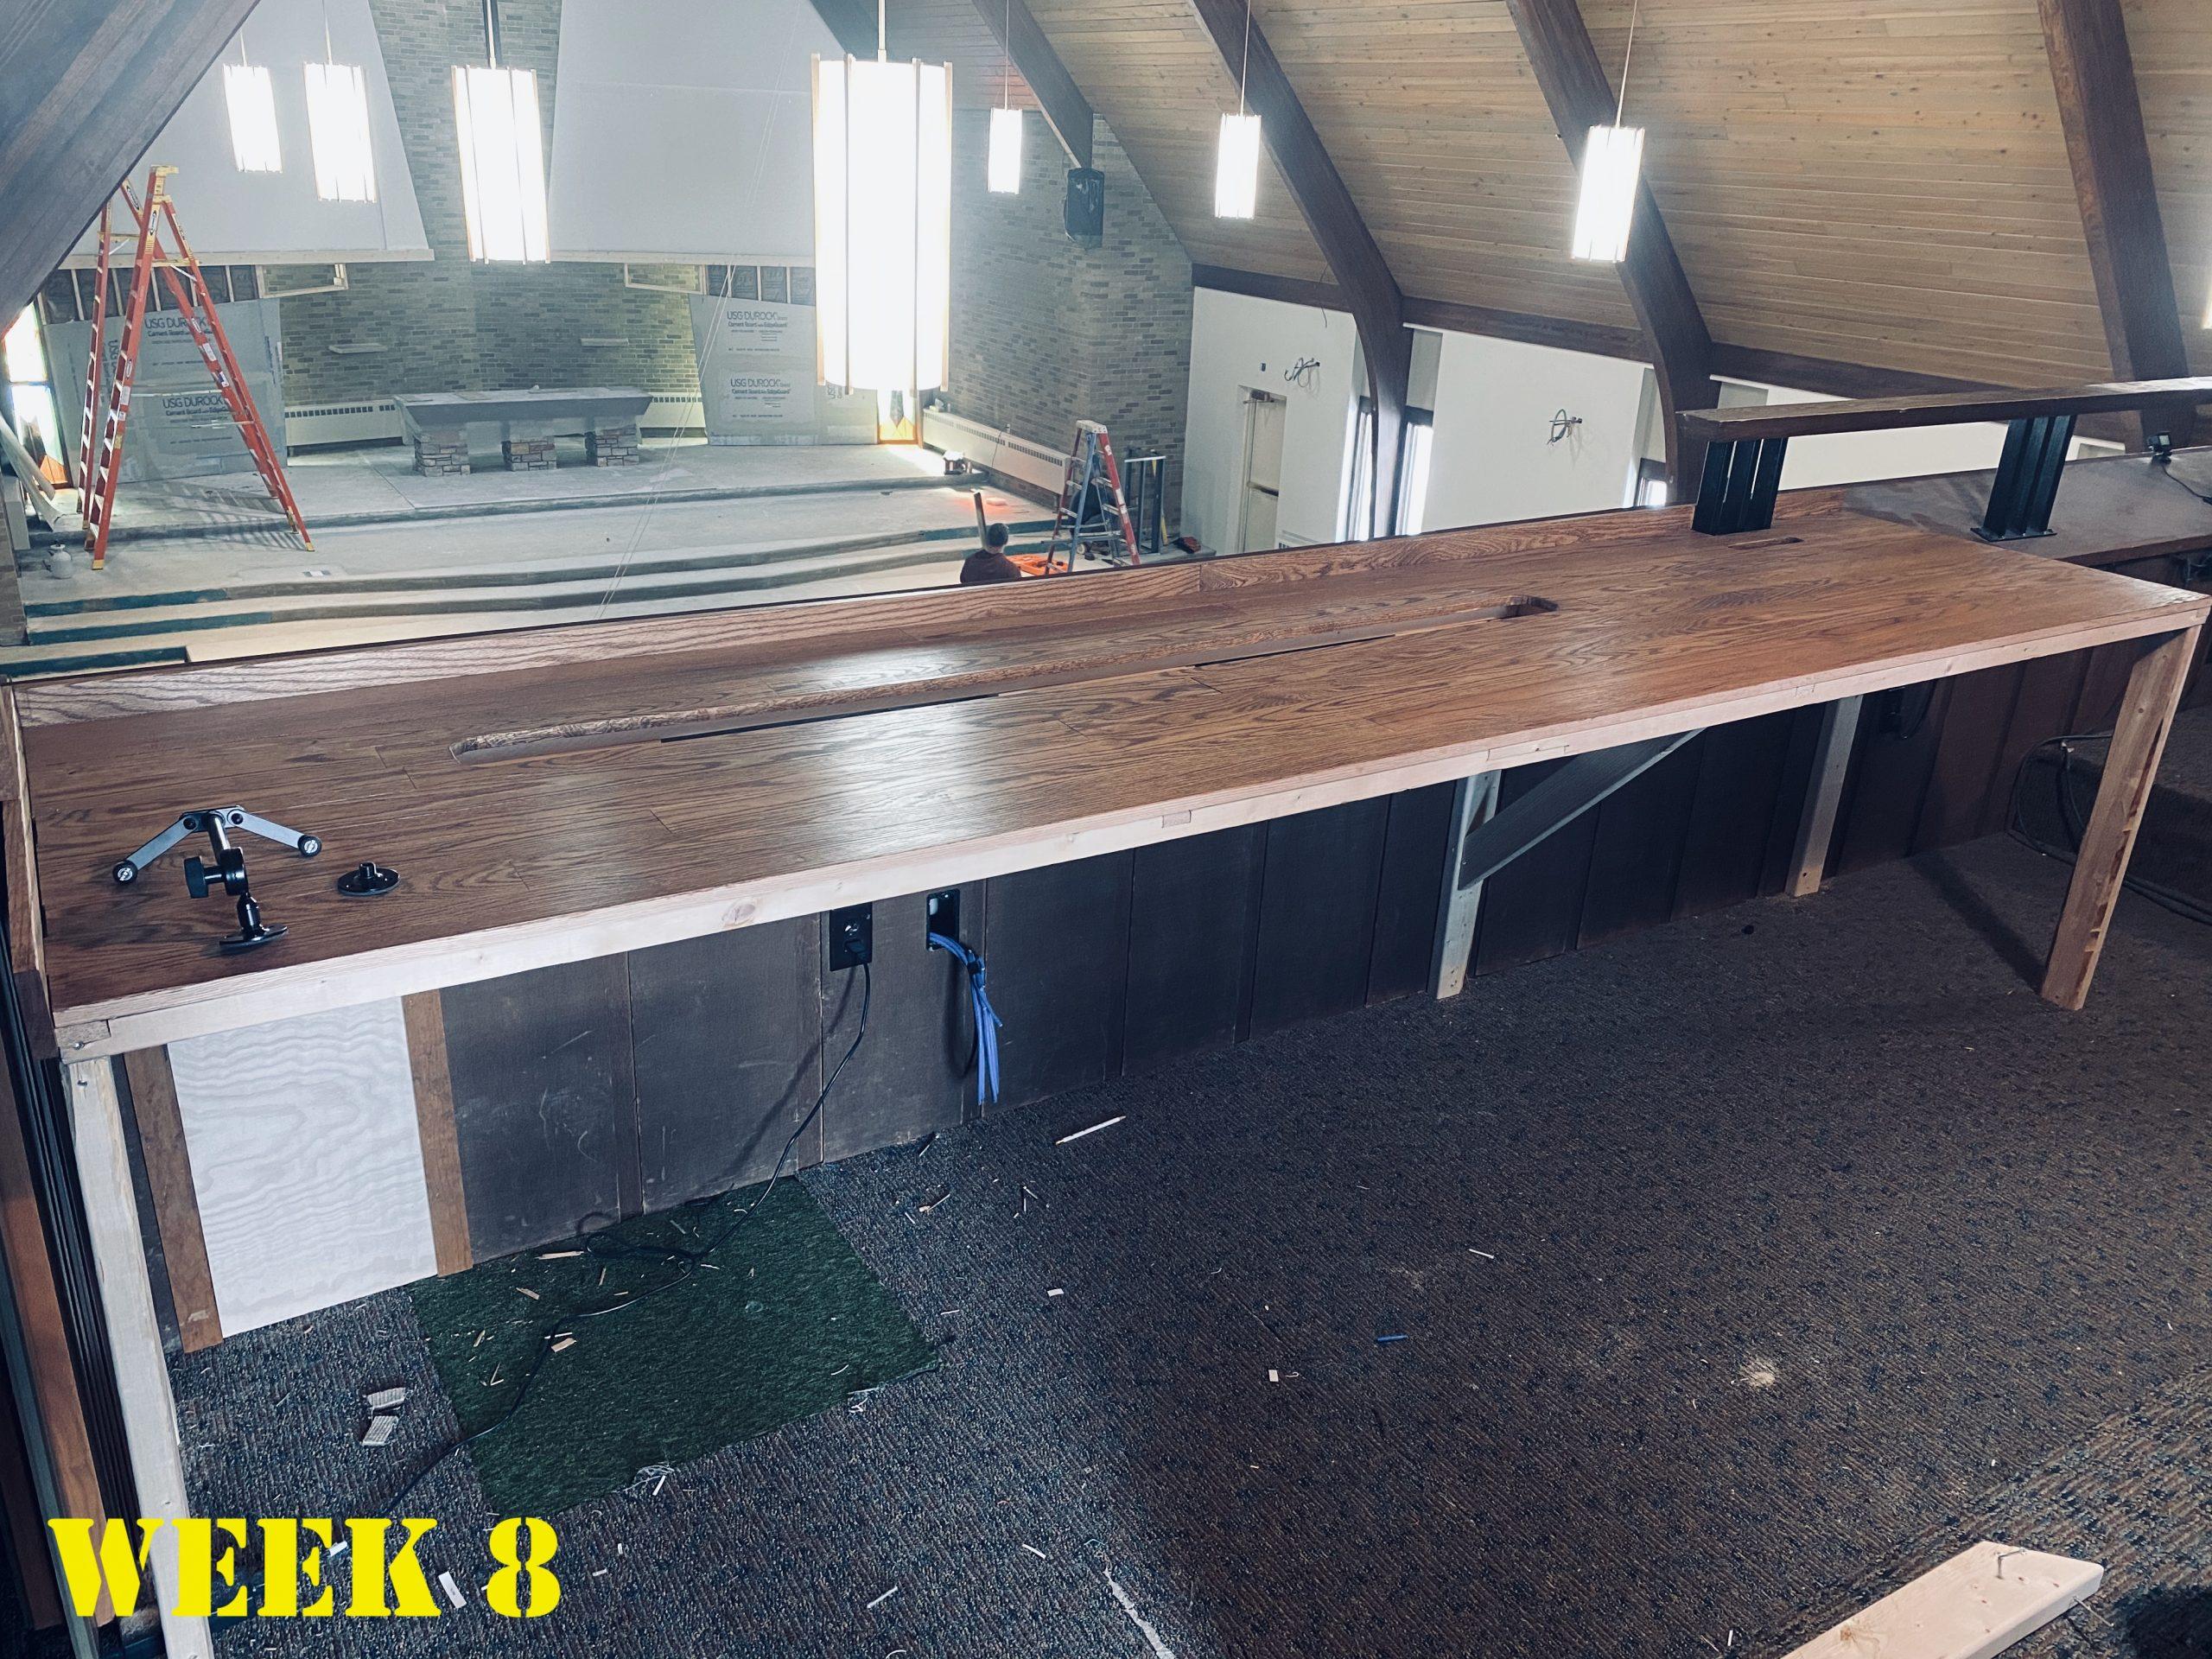 Week 8 Desk